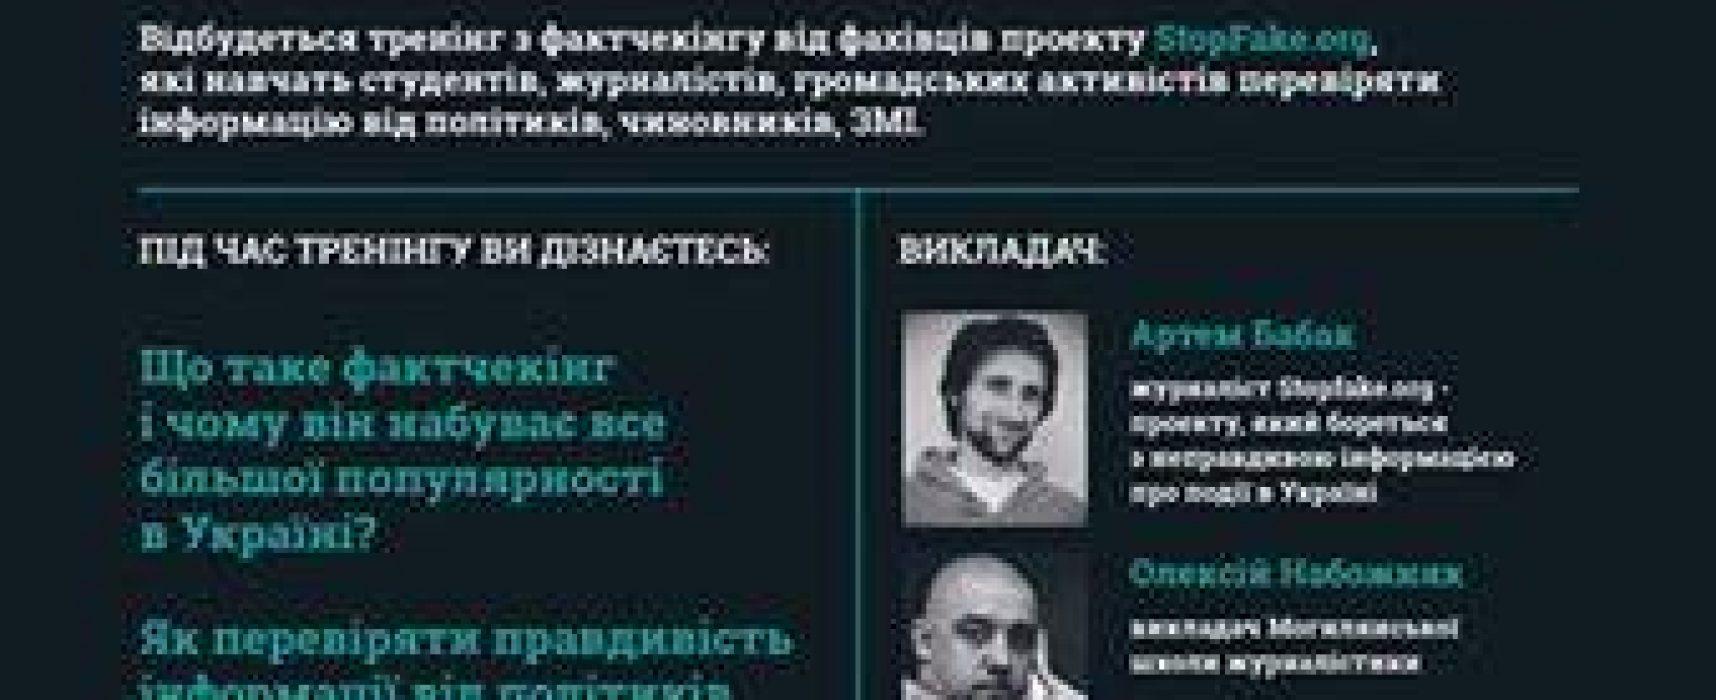 Анонс: тренинги по фактчекингу в Николаеве